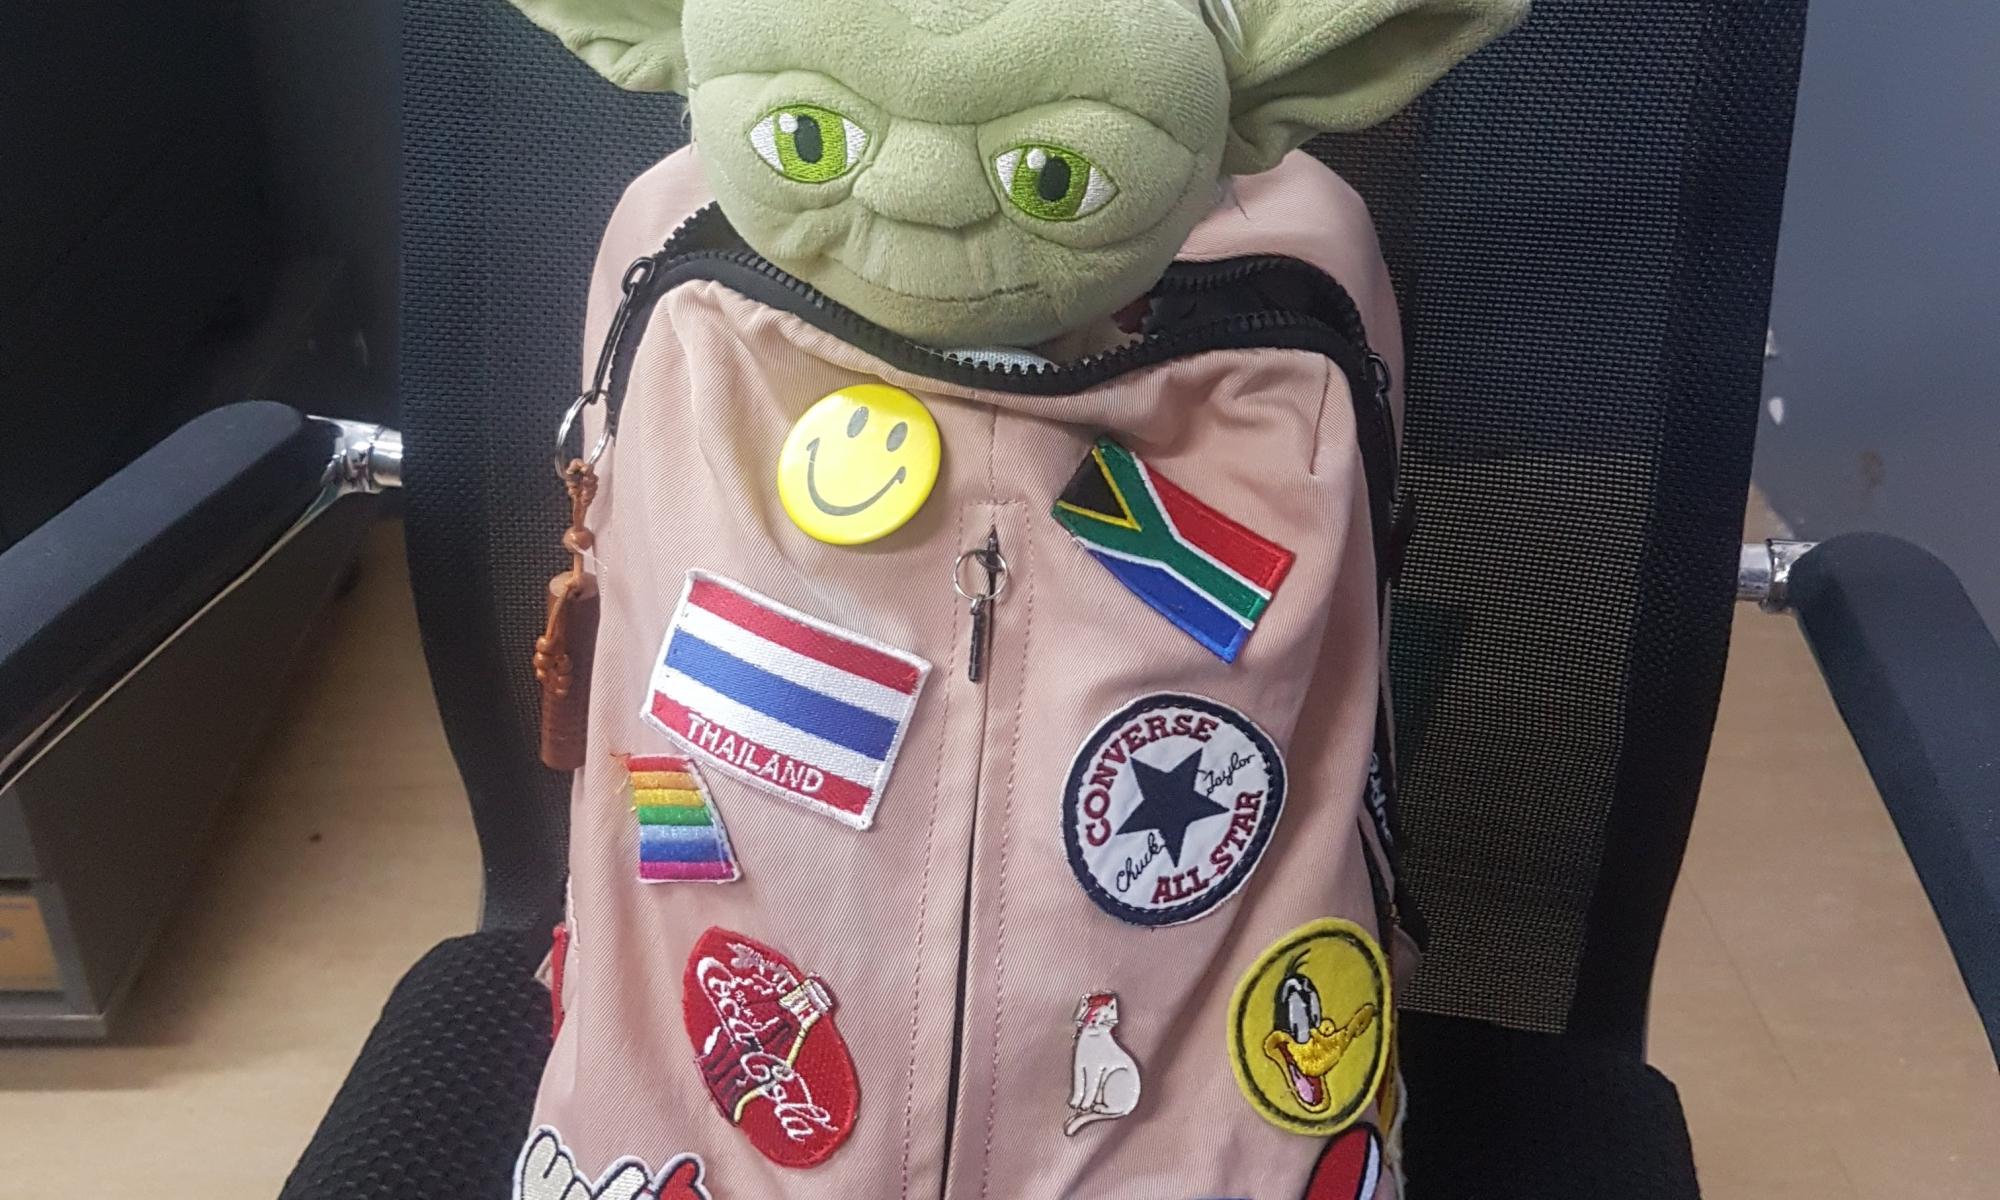 School bag with yoda doll inside